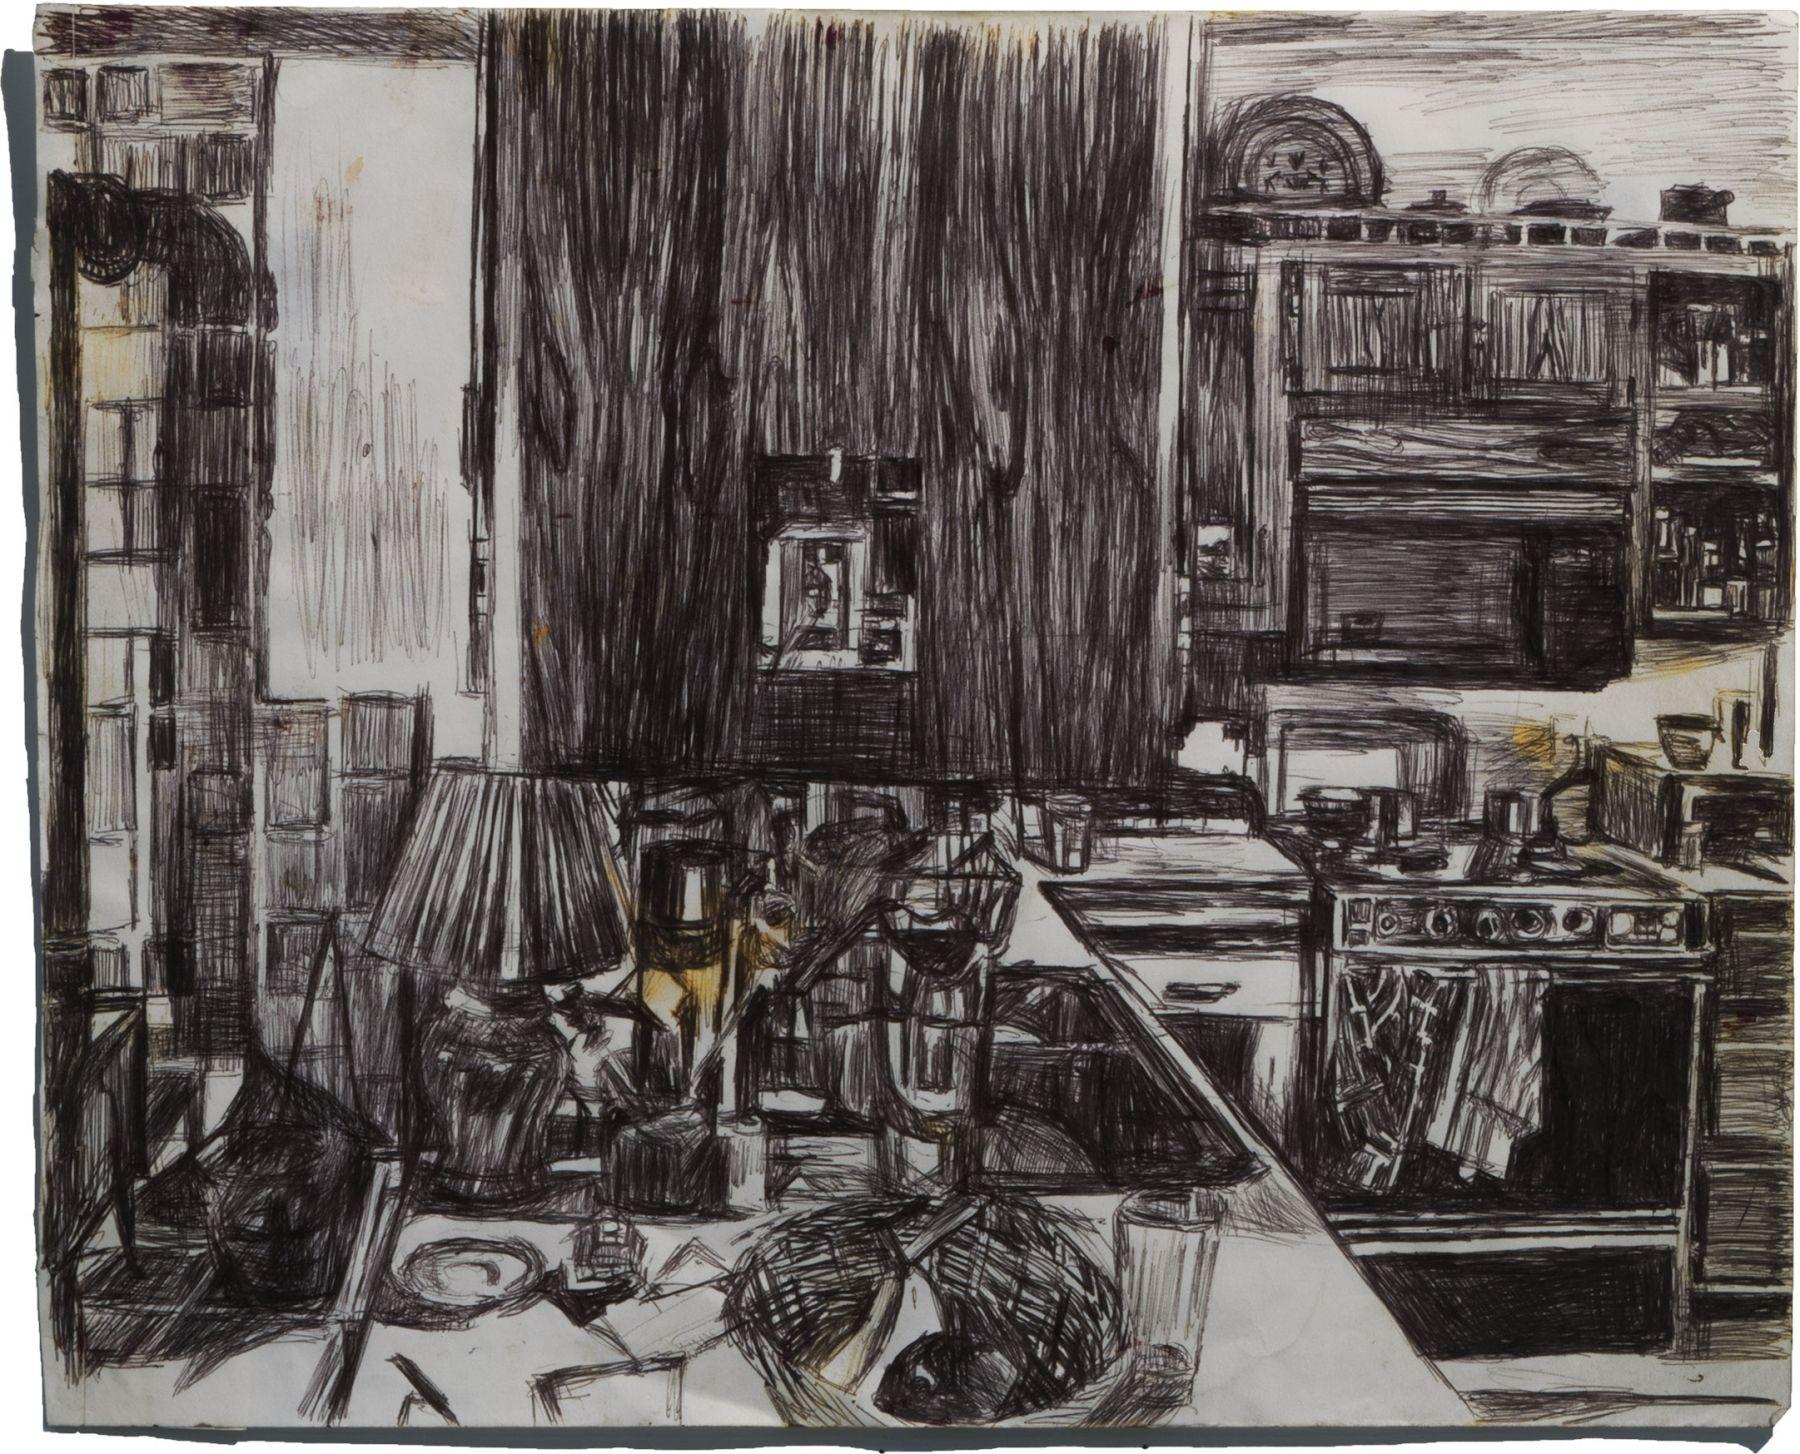 Kitchen Interior, February 18, 2009